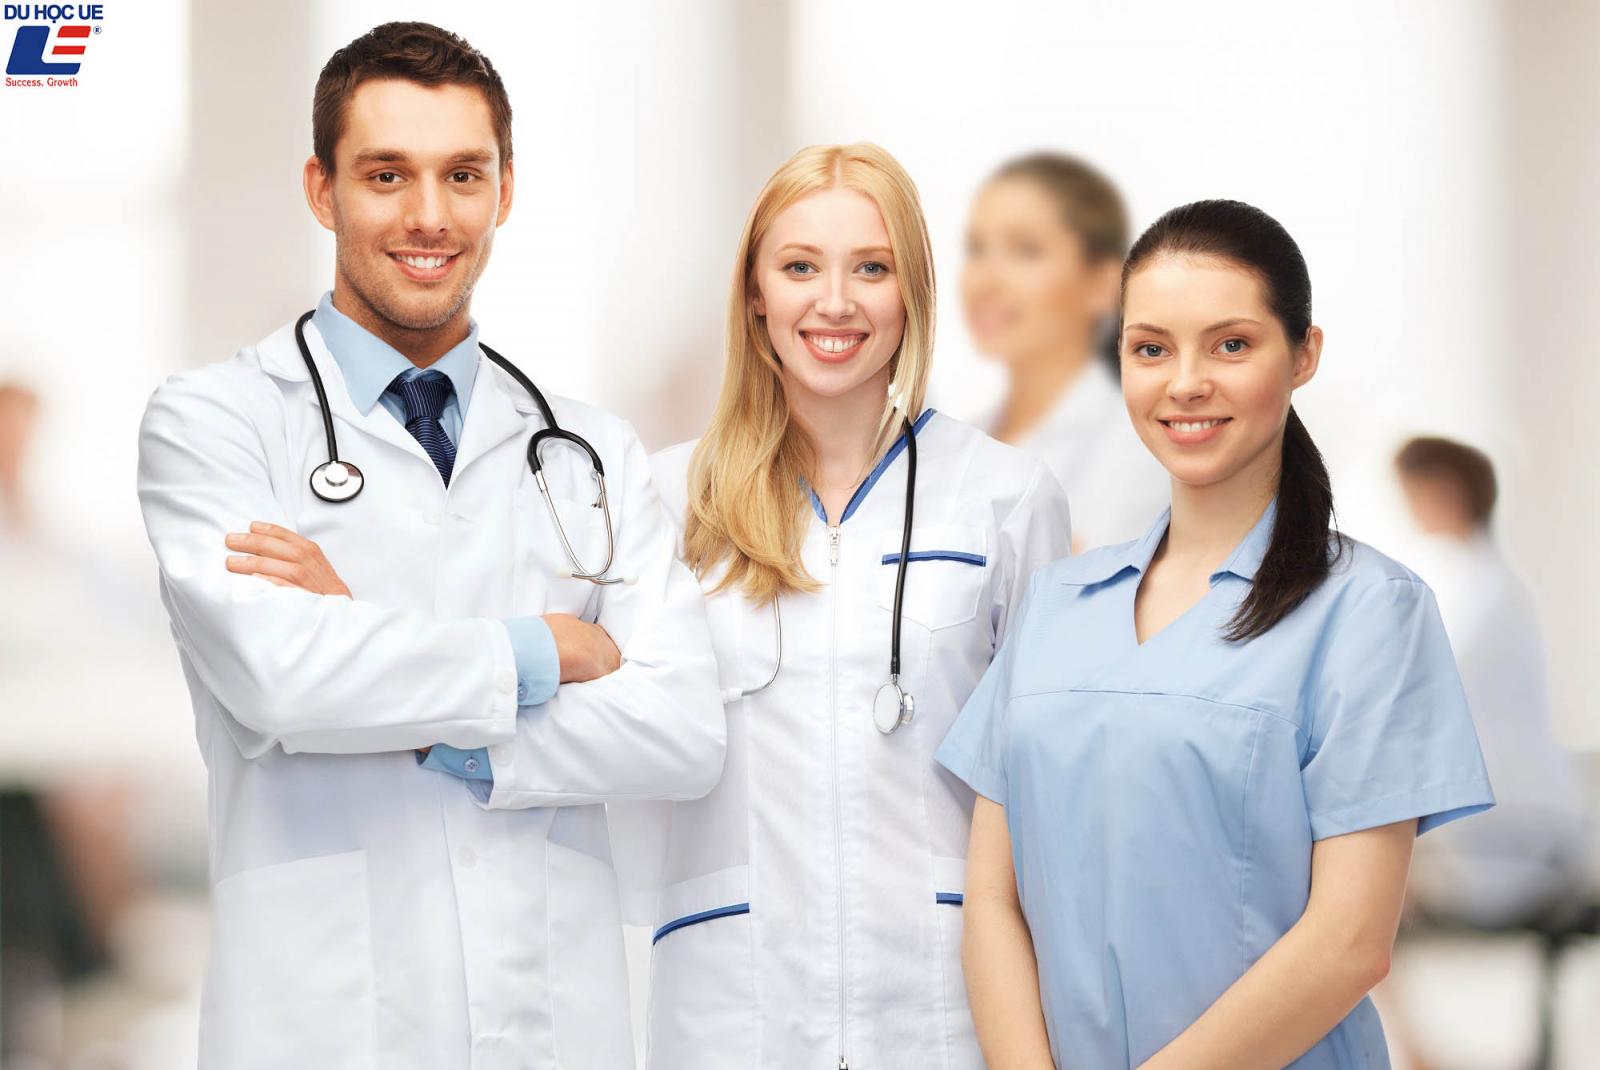 Hệ thống chăm sóc sức khỏe NHS 1